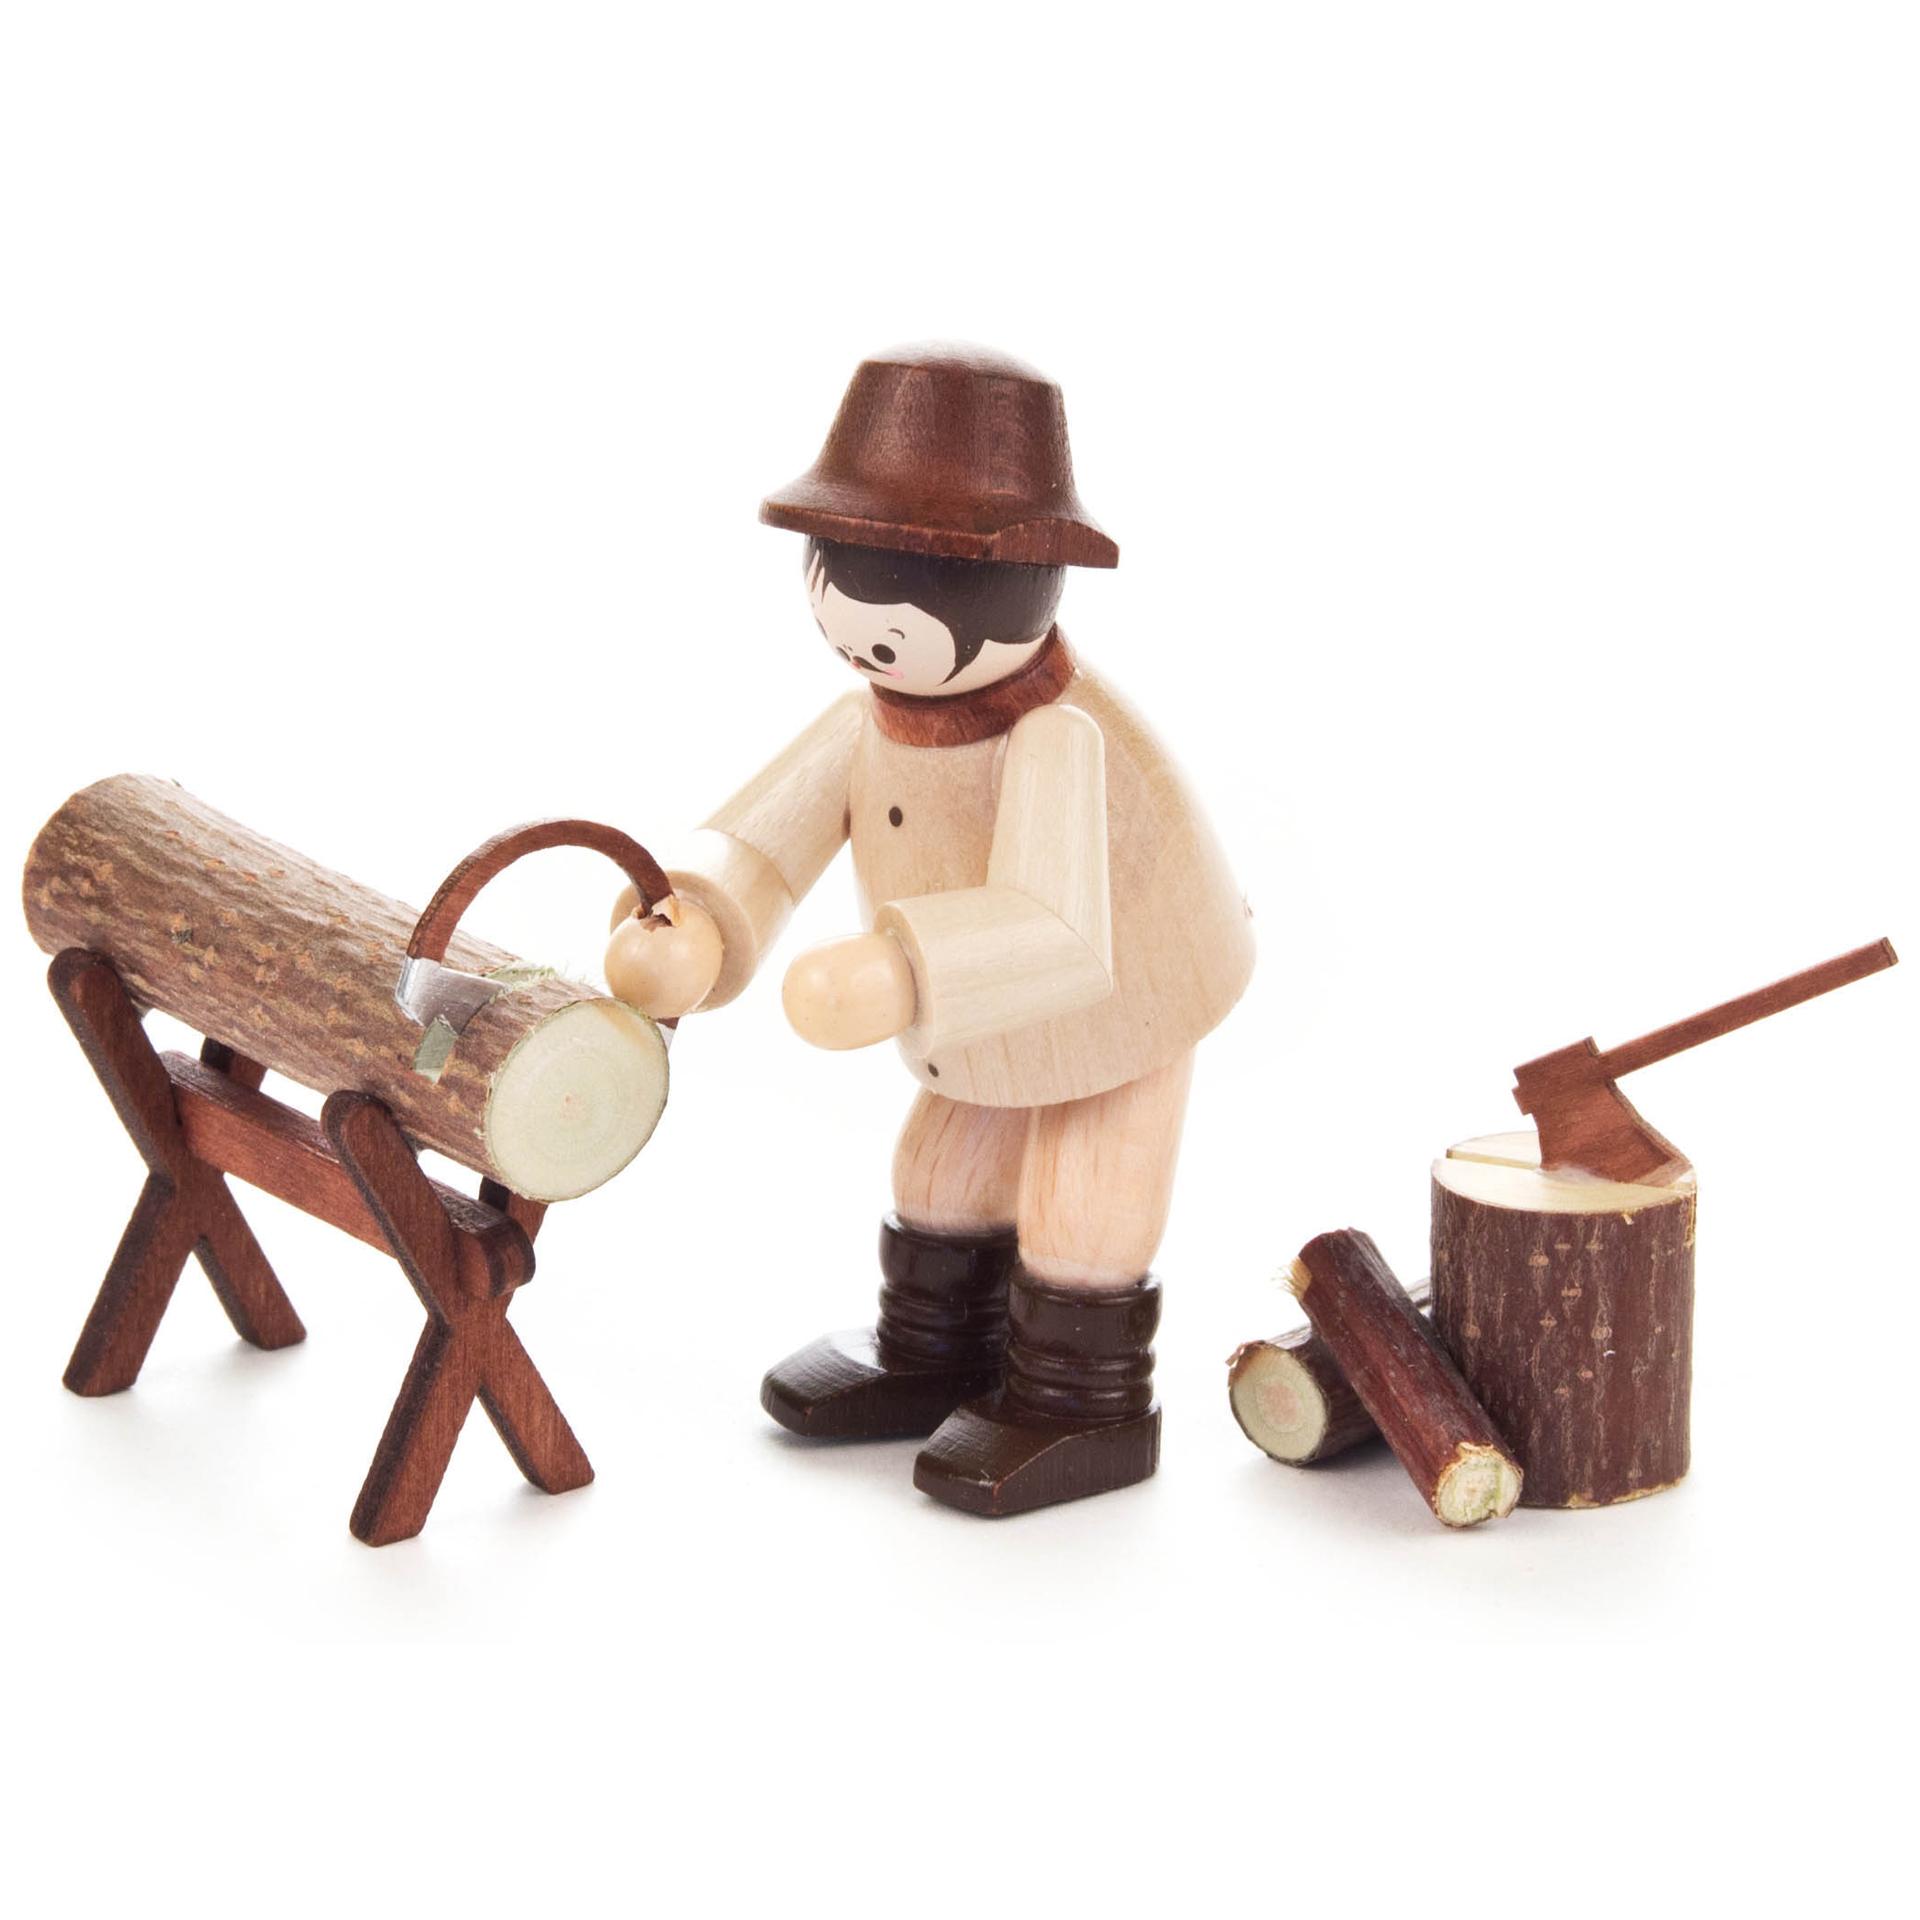 Waldarbeiter beim Sägen